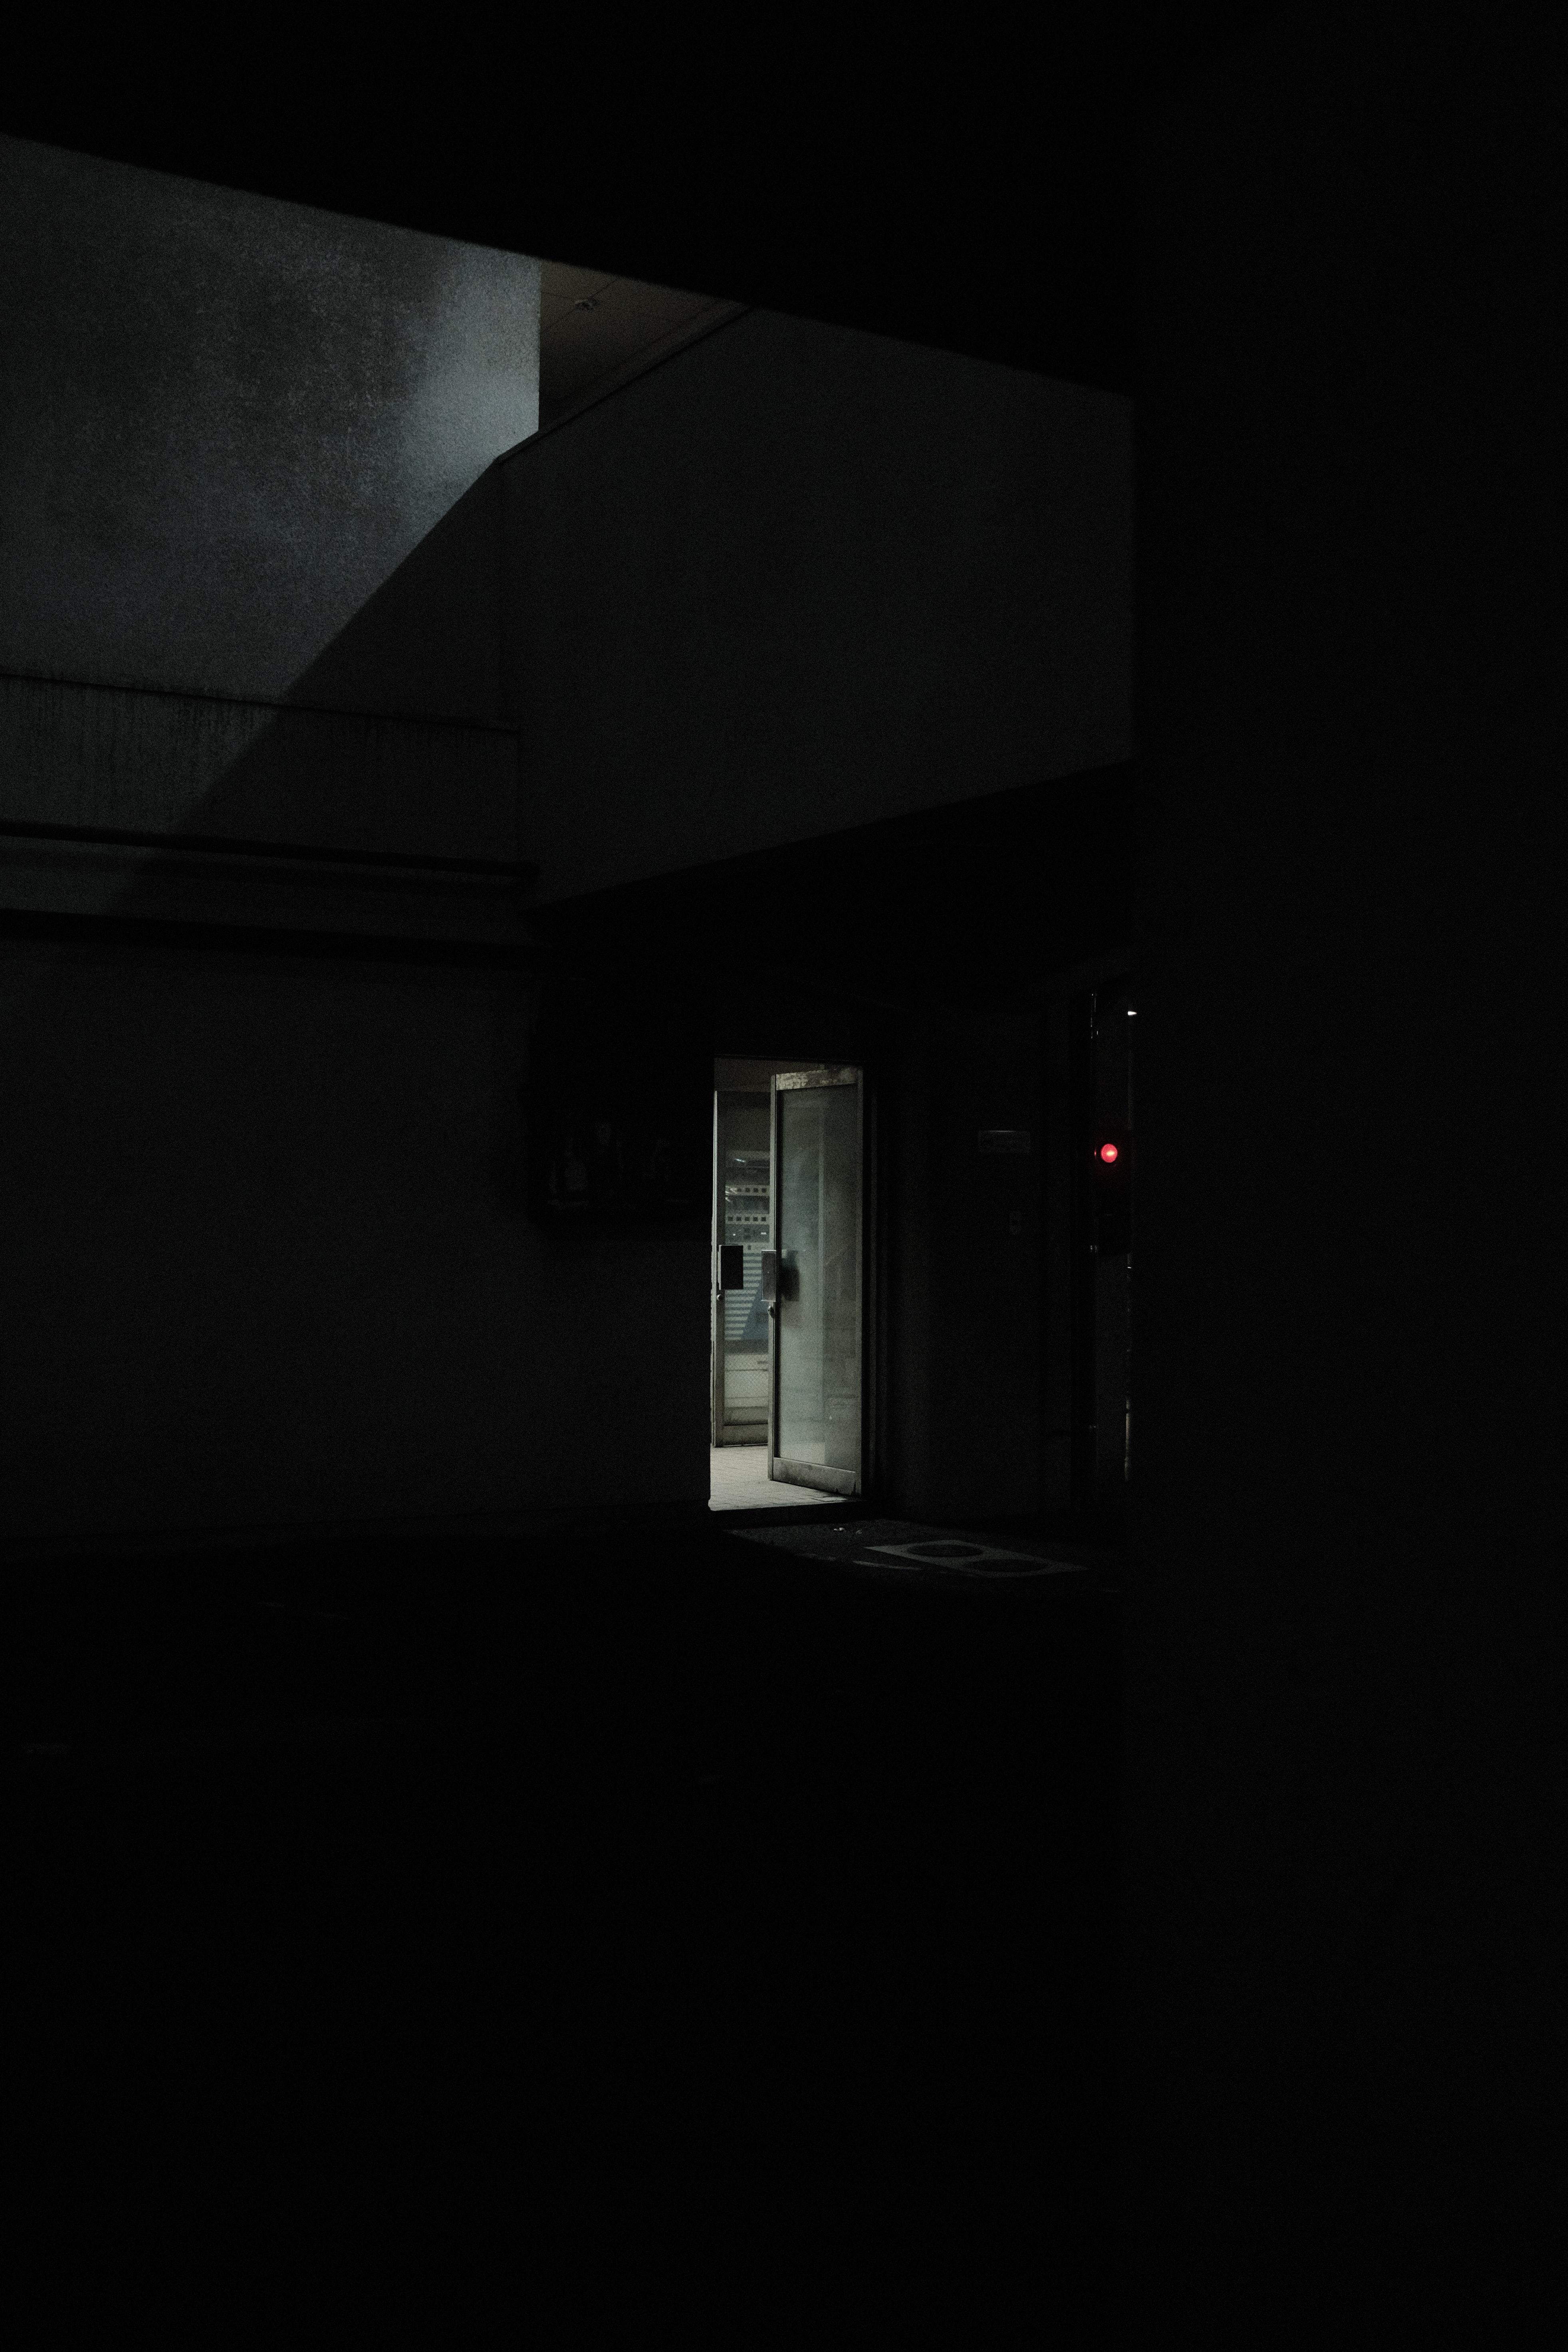 140616 fondo de pantalla 1920x1080 en tu teléfono gratis, descarga imágenes Oscuro, Edificio, Una Puerta, La Puerta, Brillar, Luz, Oscuridad 1920x1080 en tu móvil